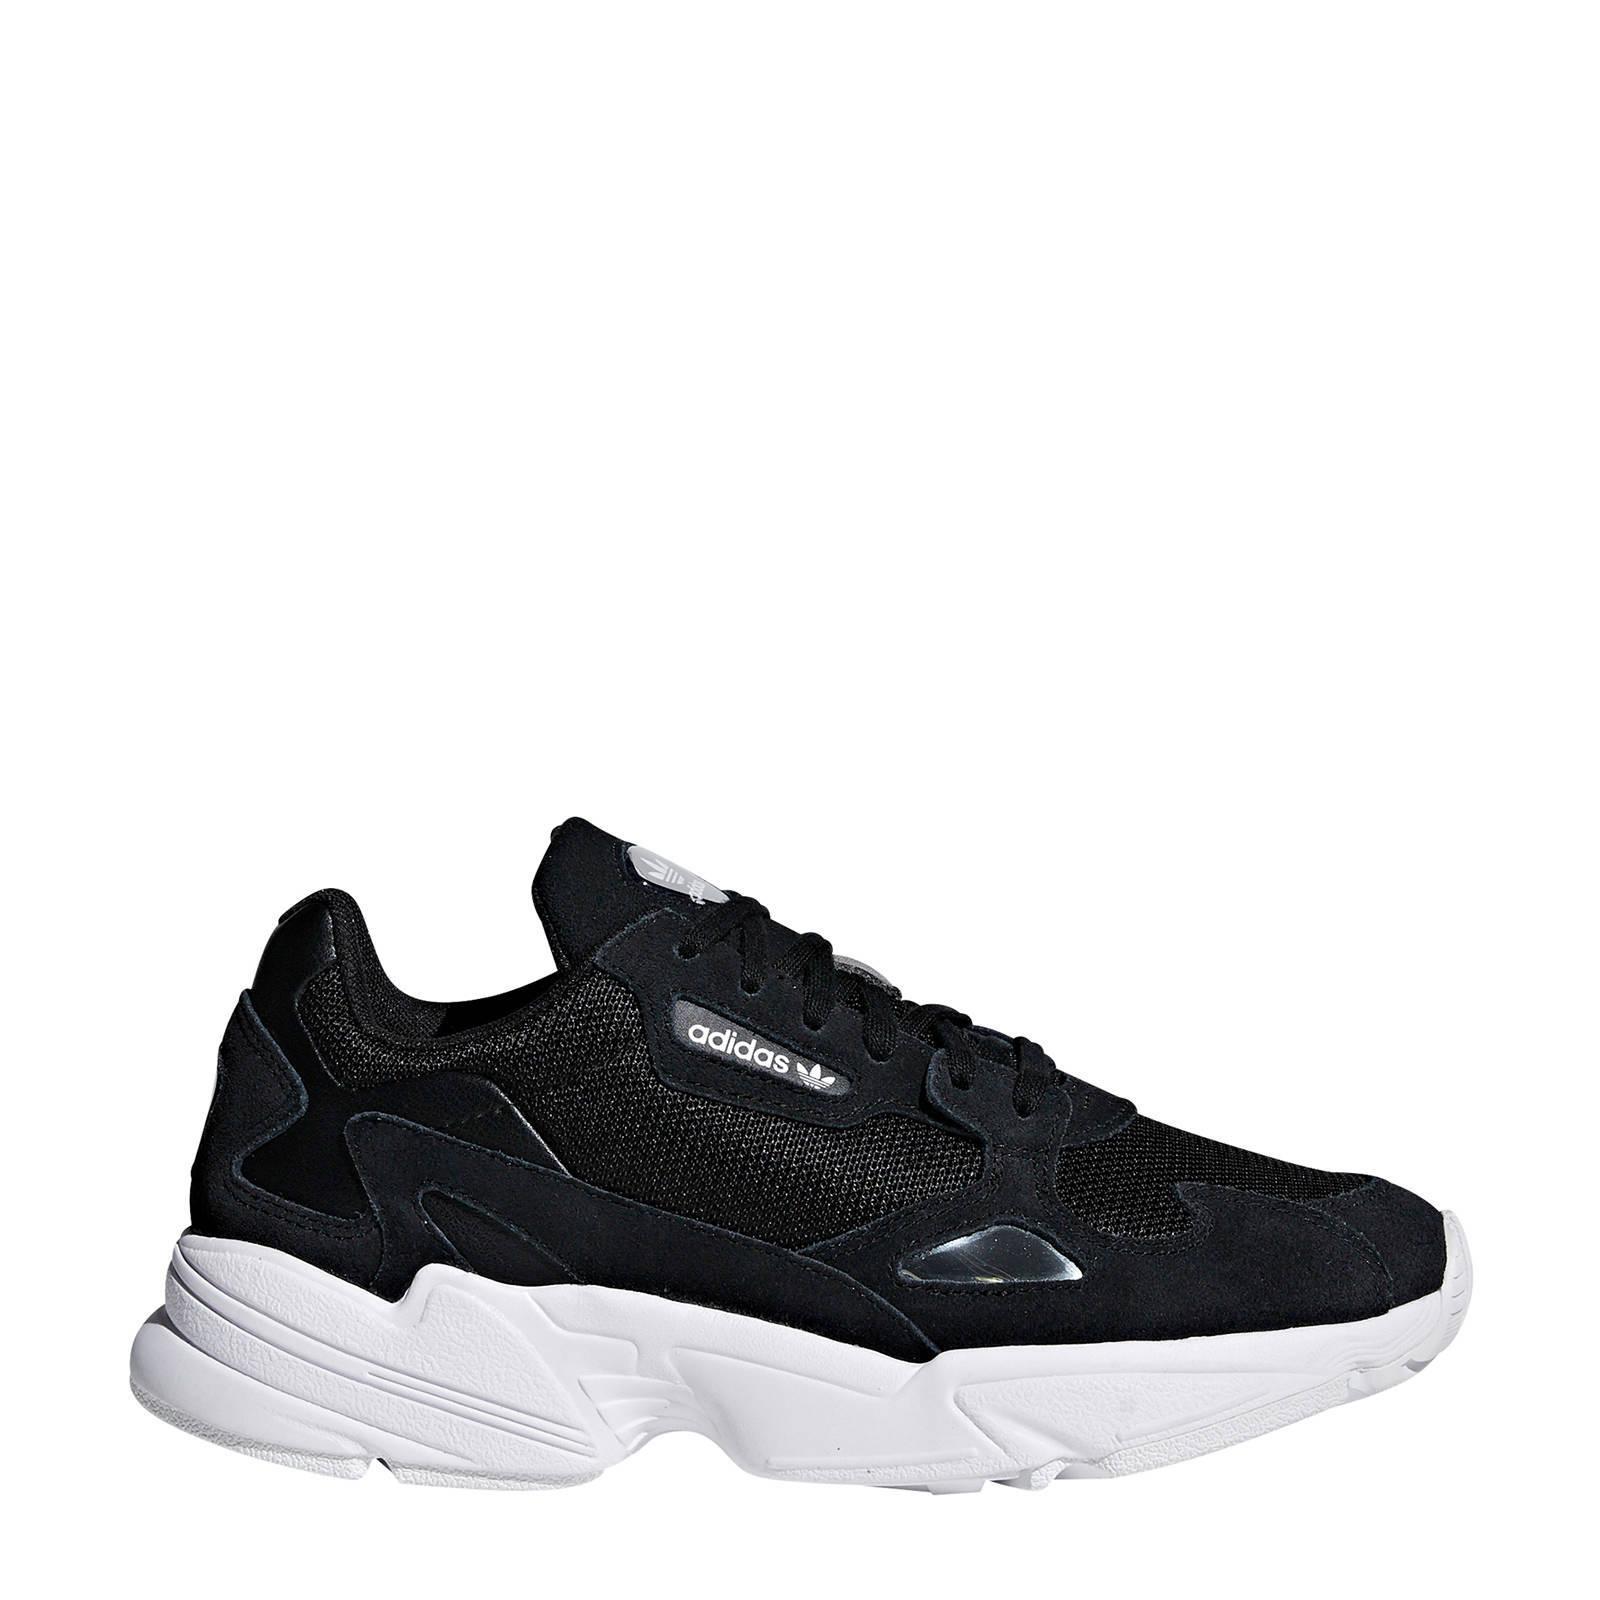 Falcon sneakers zwart/wit